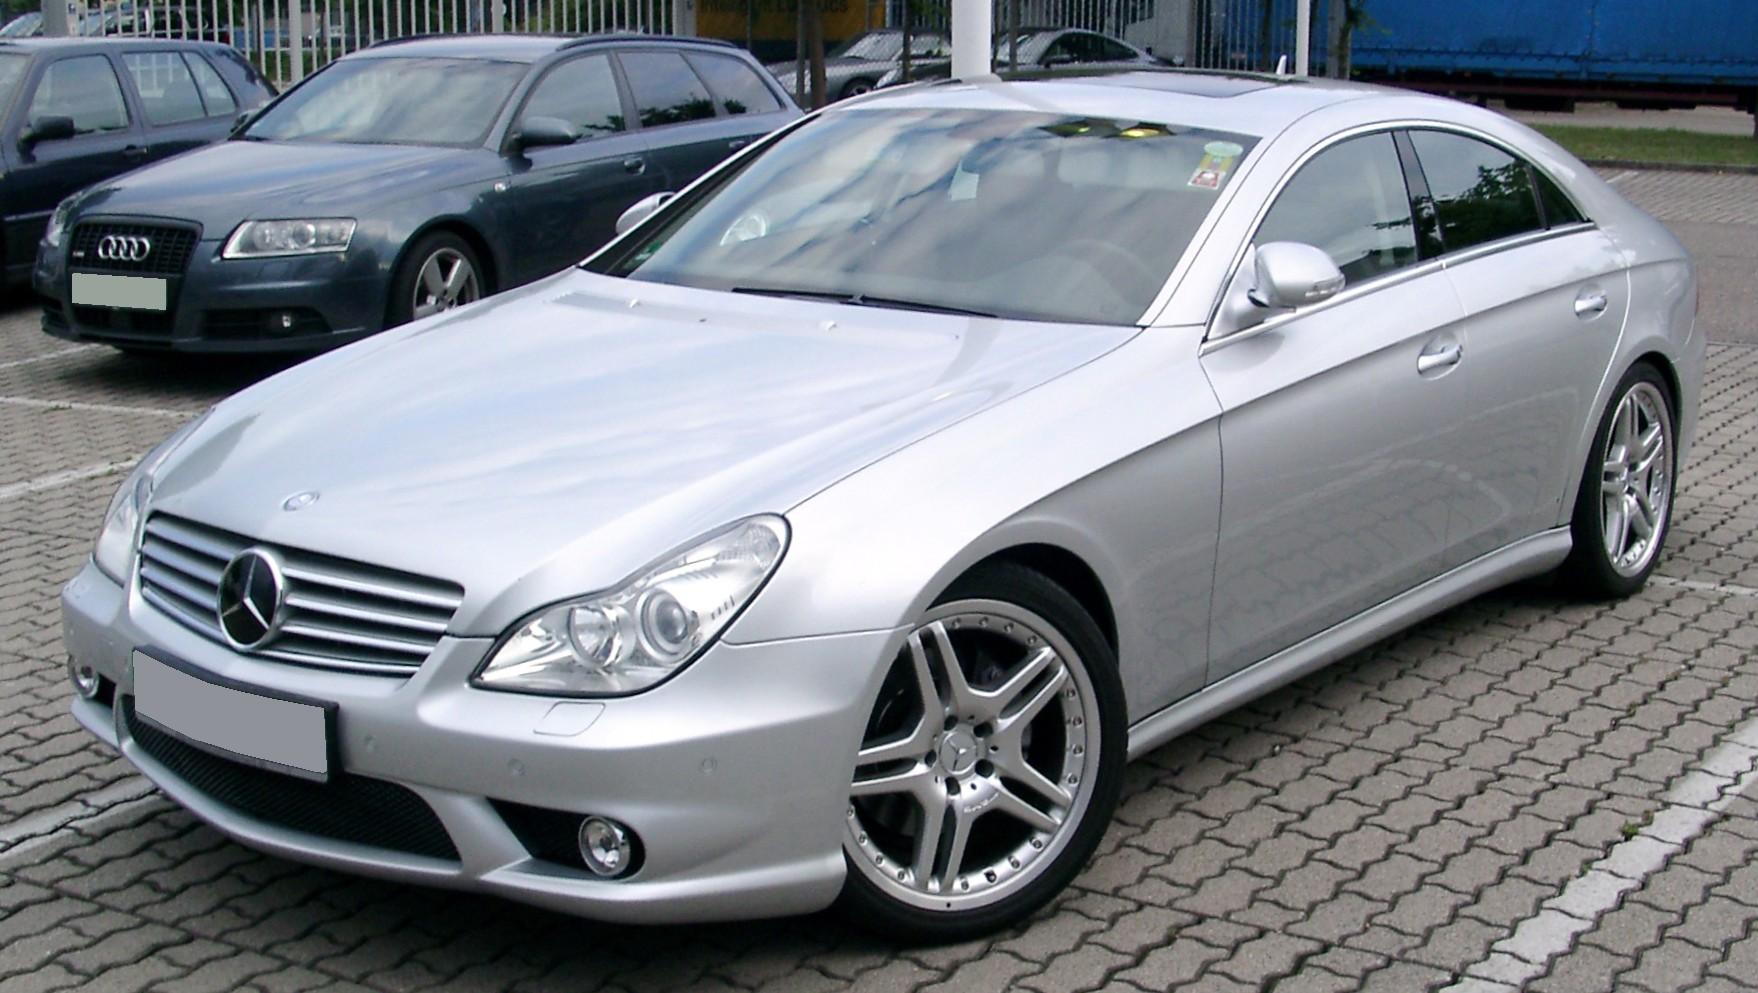 Mercedes-Benz_C219_front_20080620